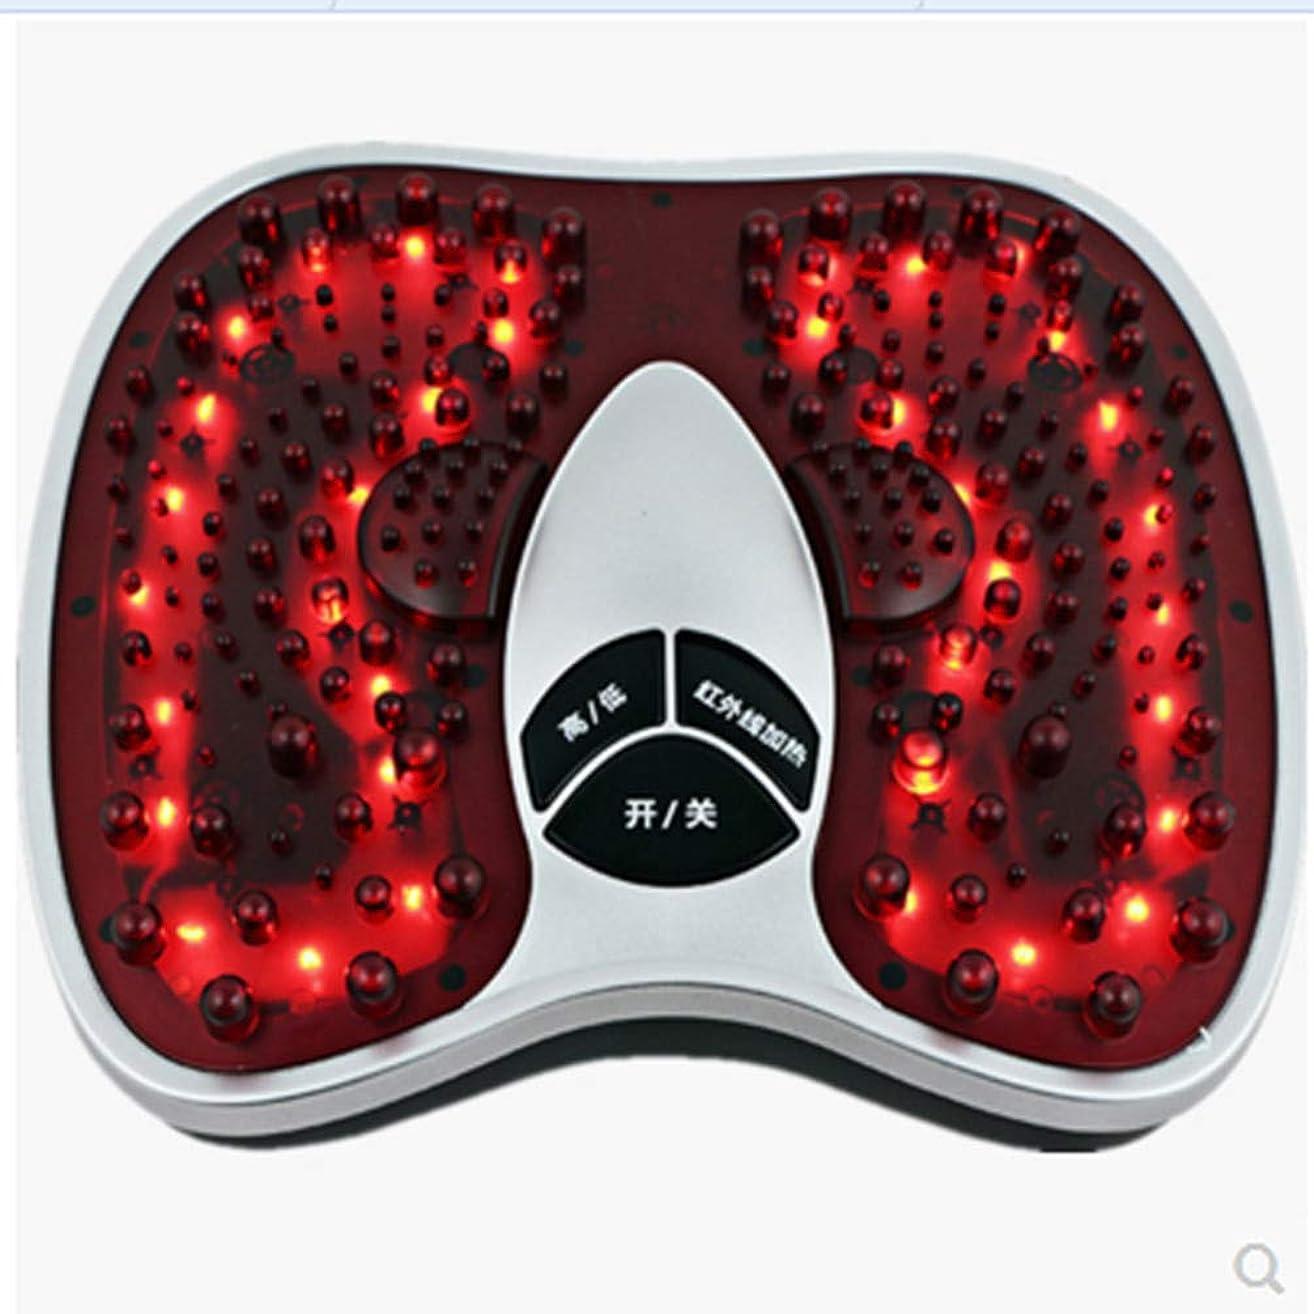 セラフノイズ文房具フットマッサージ(熱を含む)、フルマッサージを体験する202マッサージヘッド、硬い筋肉を柔らかくする、循環を改善する、痛みを軽減する治療, red